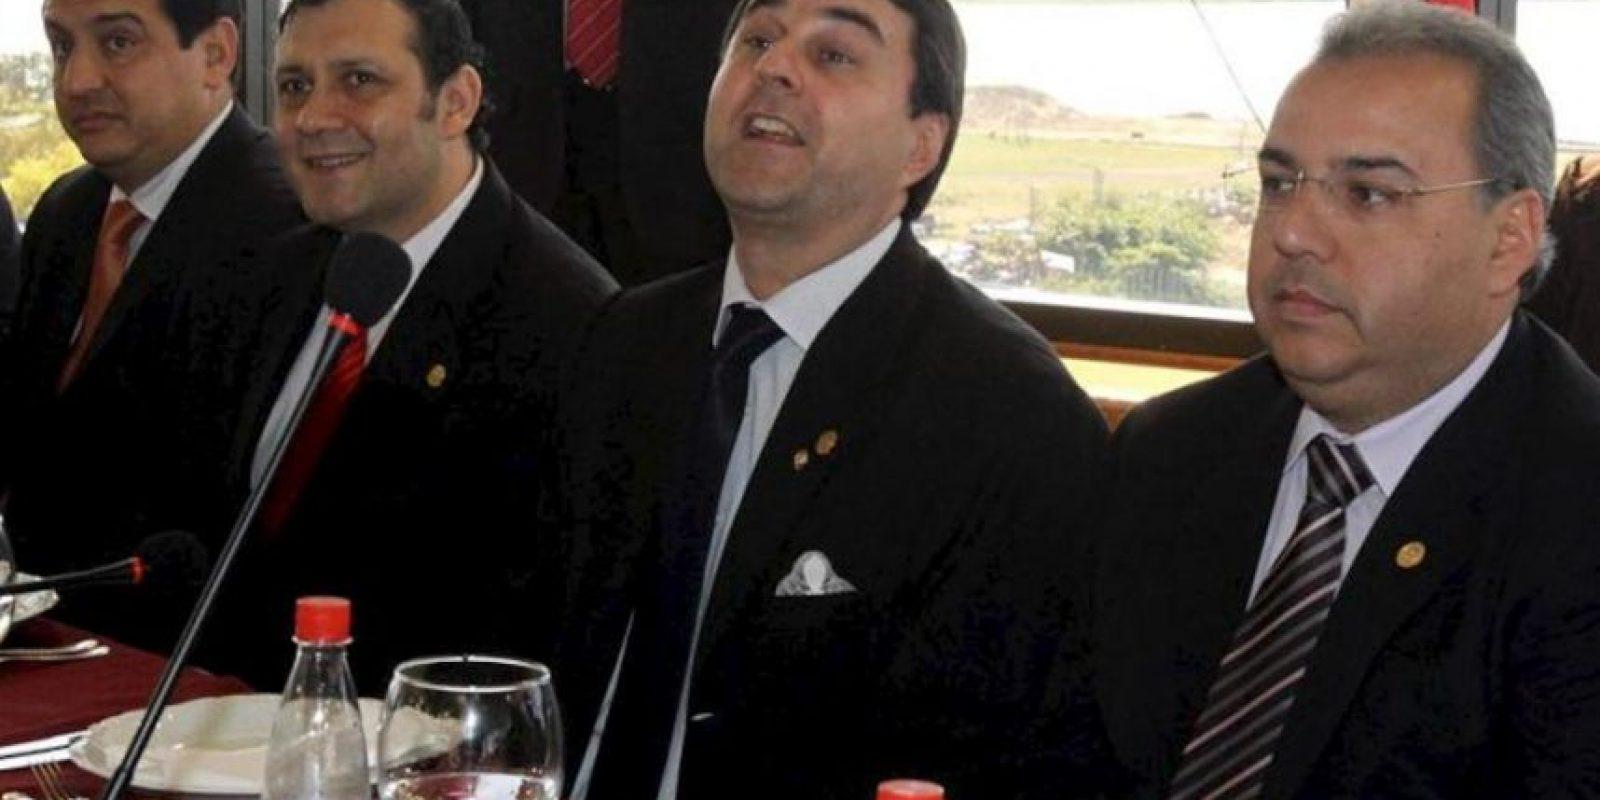 El nuevo mandatario de Paraguay, Federico Franco (2d), el presidente del Senado, Jorge Oviedo Matto (d), y el presidente de la Cámara de Diputados, Víctor Bogado (2i), y el ministro de Agricultura y Ganadería, Enzo Cardozo (i) participan de un almuerzo con representantes de las dos cámaras legislativas. EFE